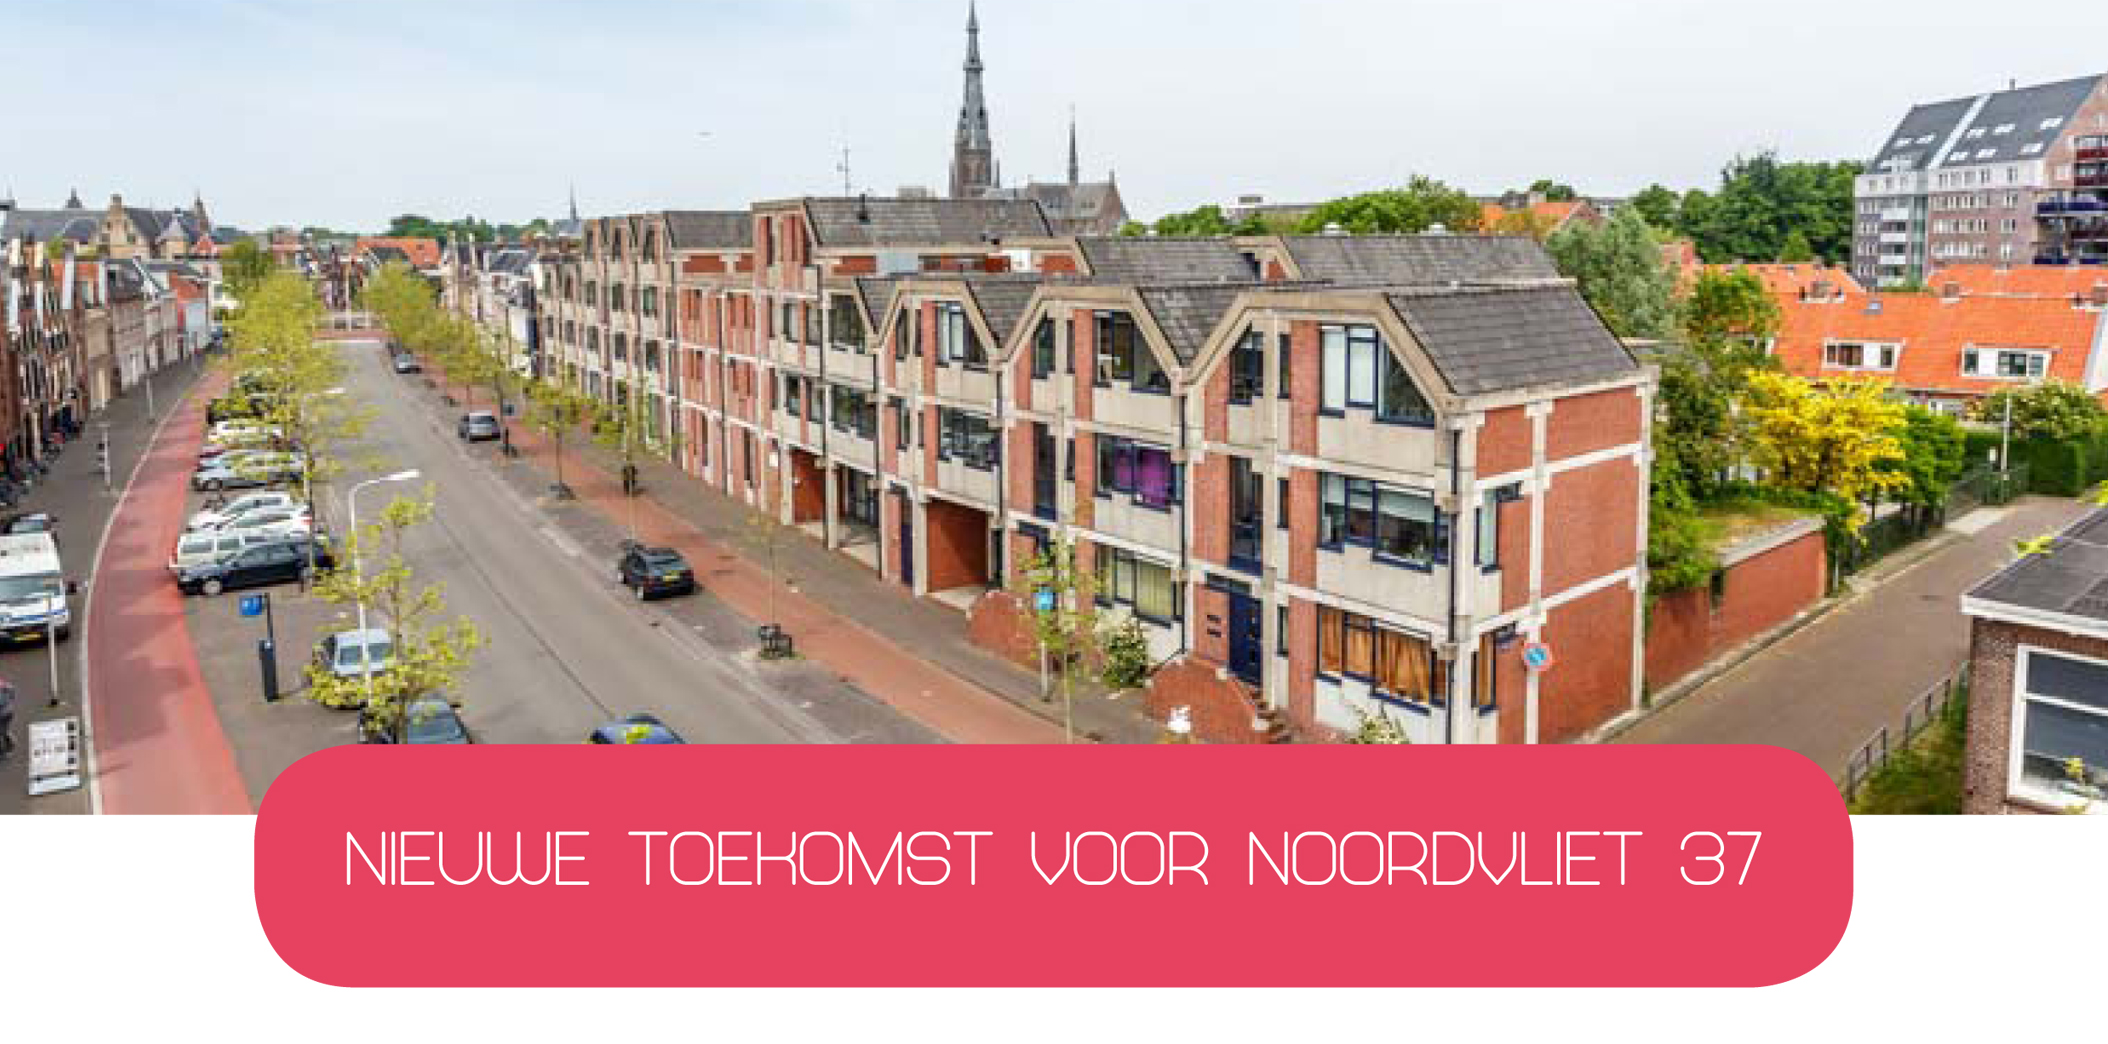 Het Andere Wonen ook in provincie Friesland